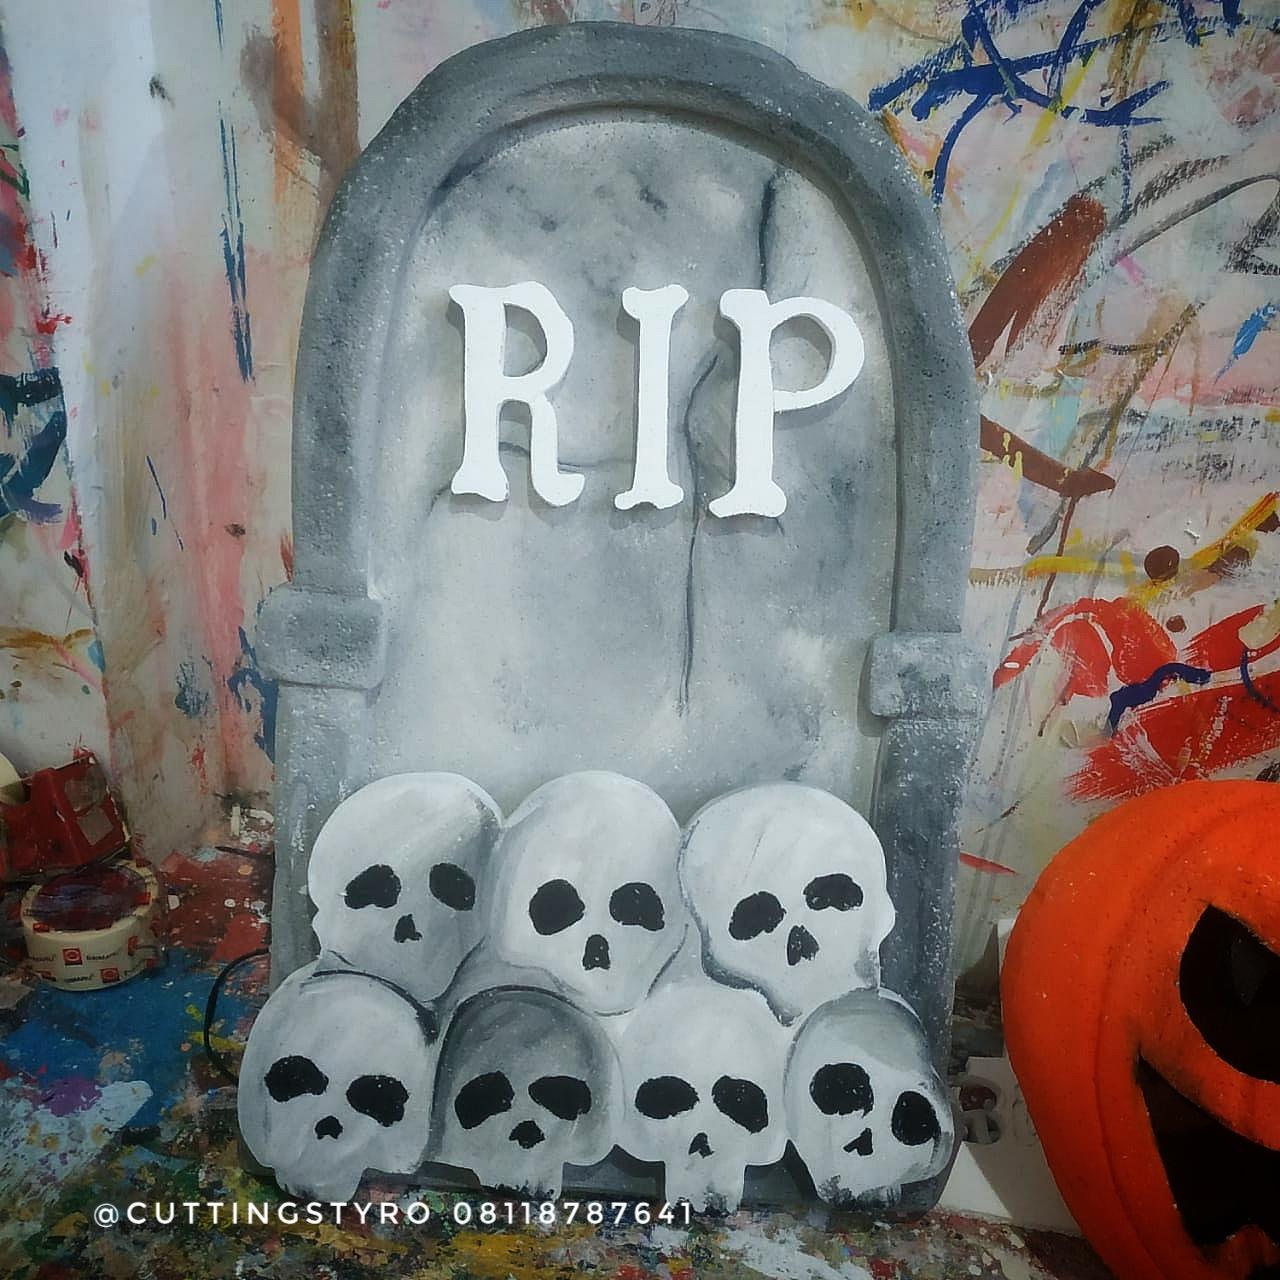 dekorasi halloween menggunakan styrofoam lebih murah dan bagus